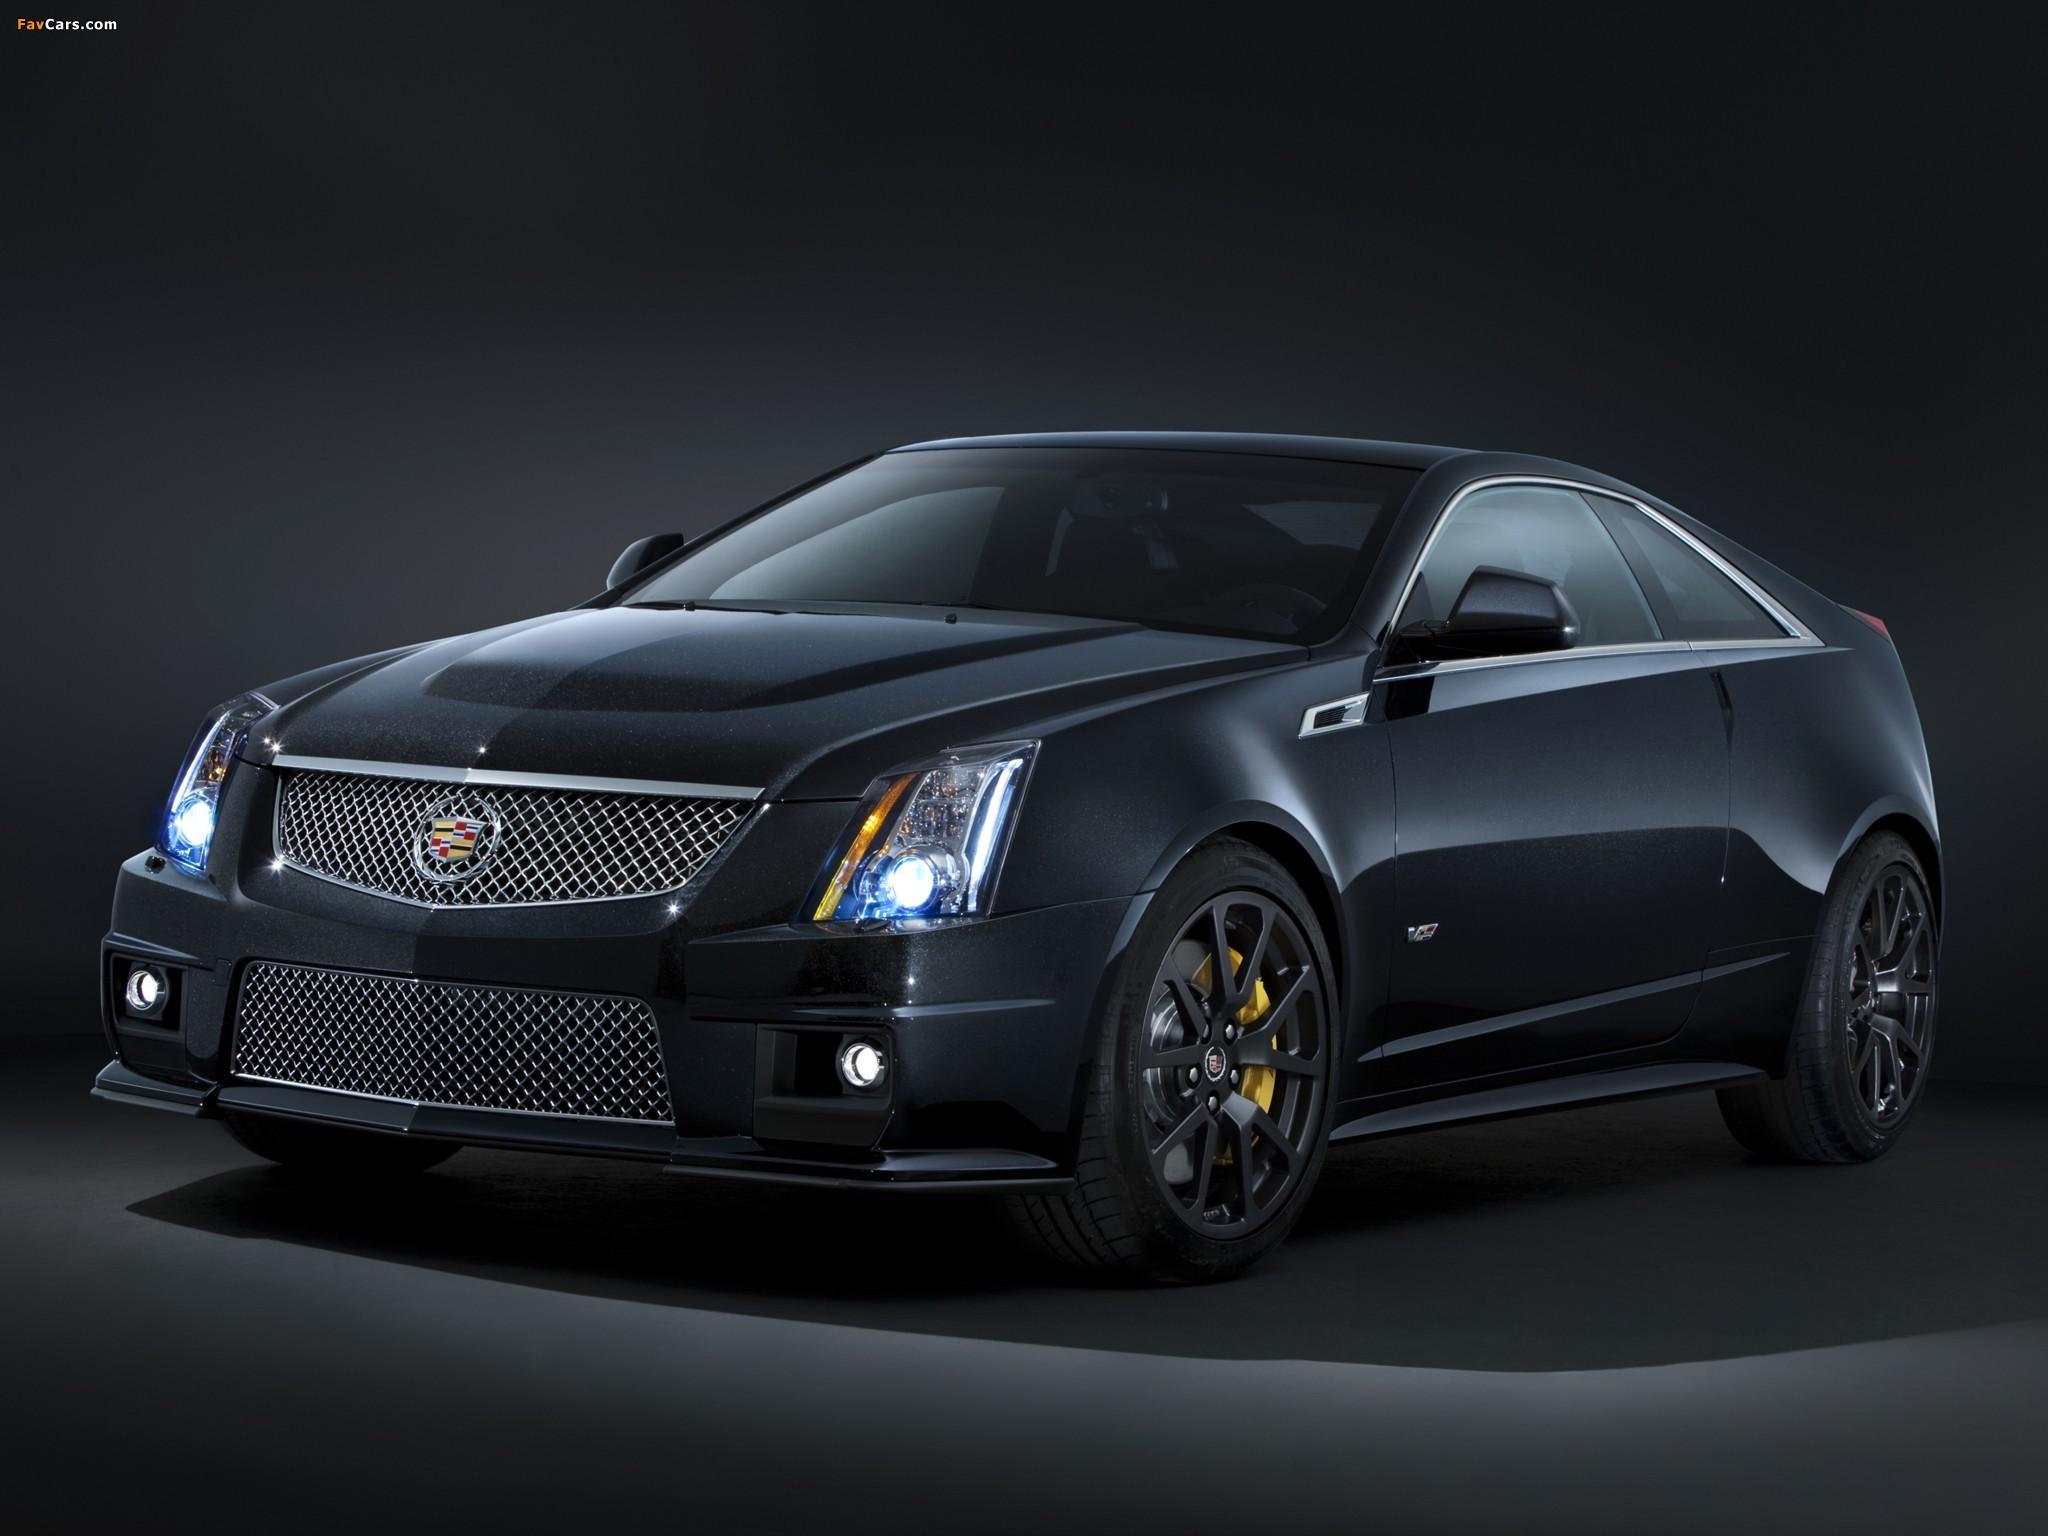 cadillac coupe автомобиль черный скачать